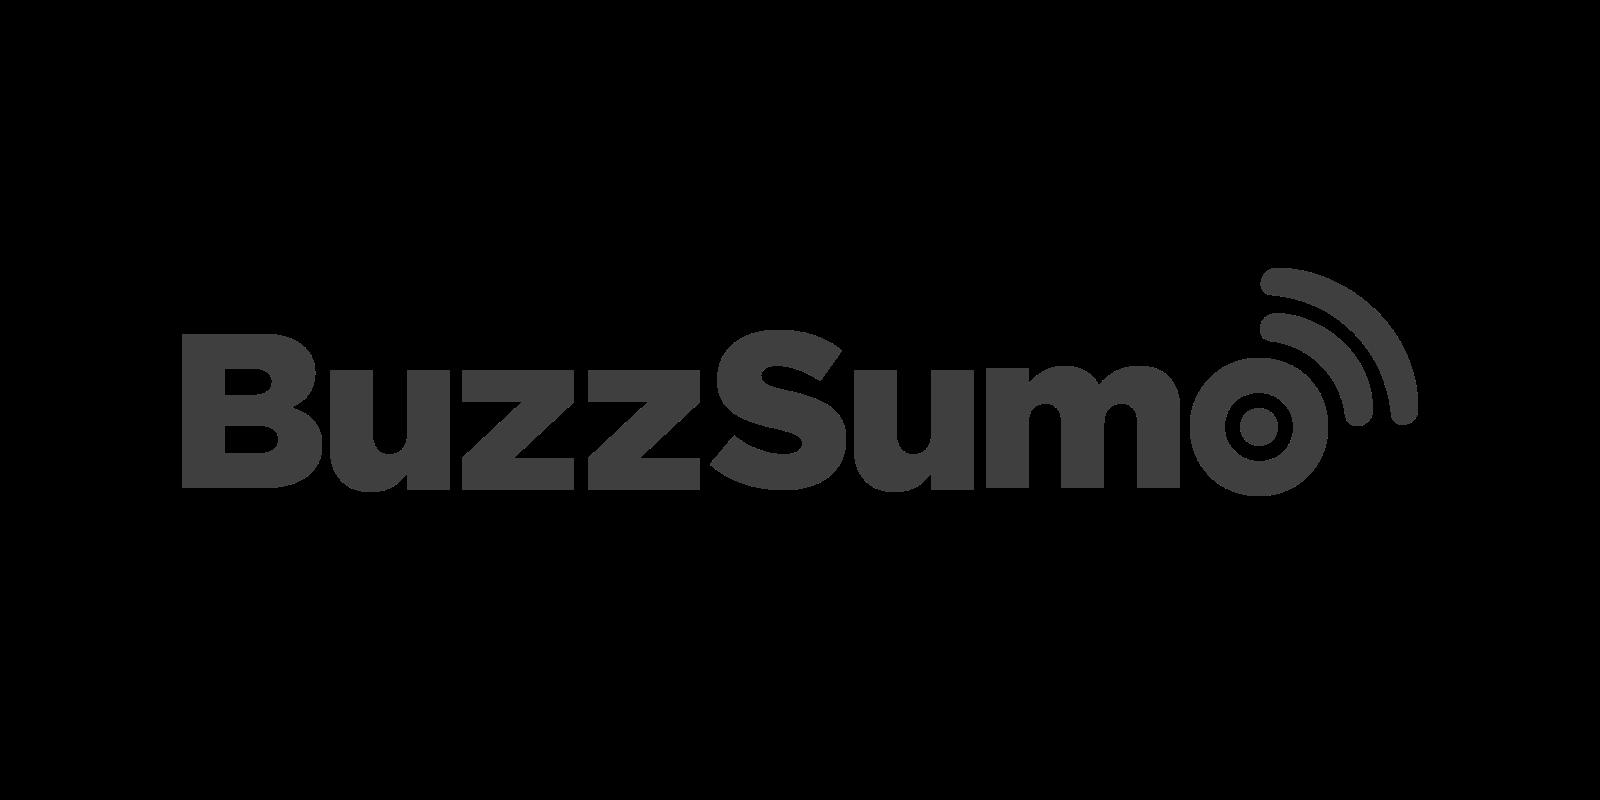 أداة Buzzsumo